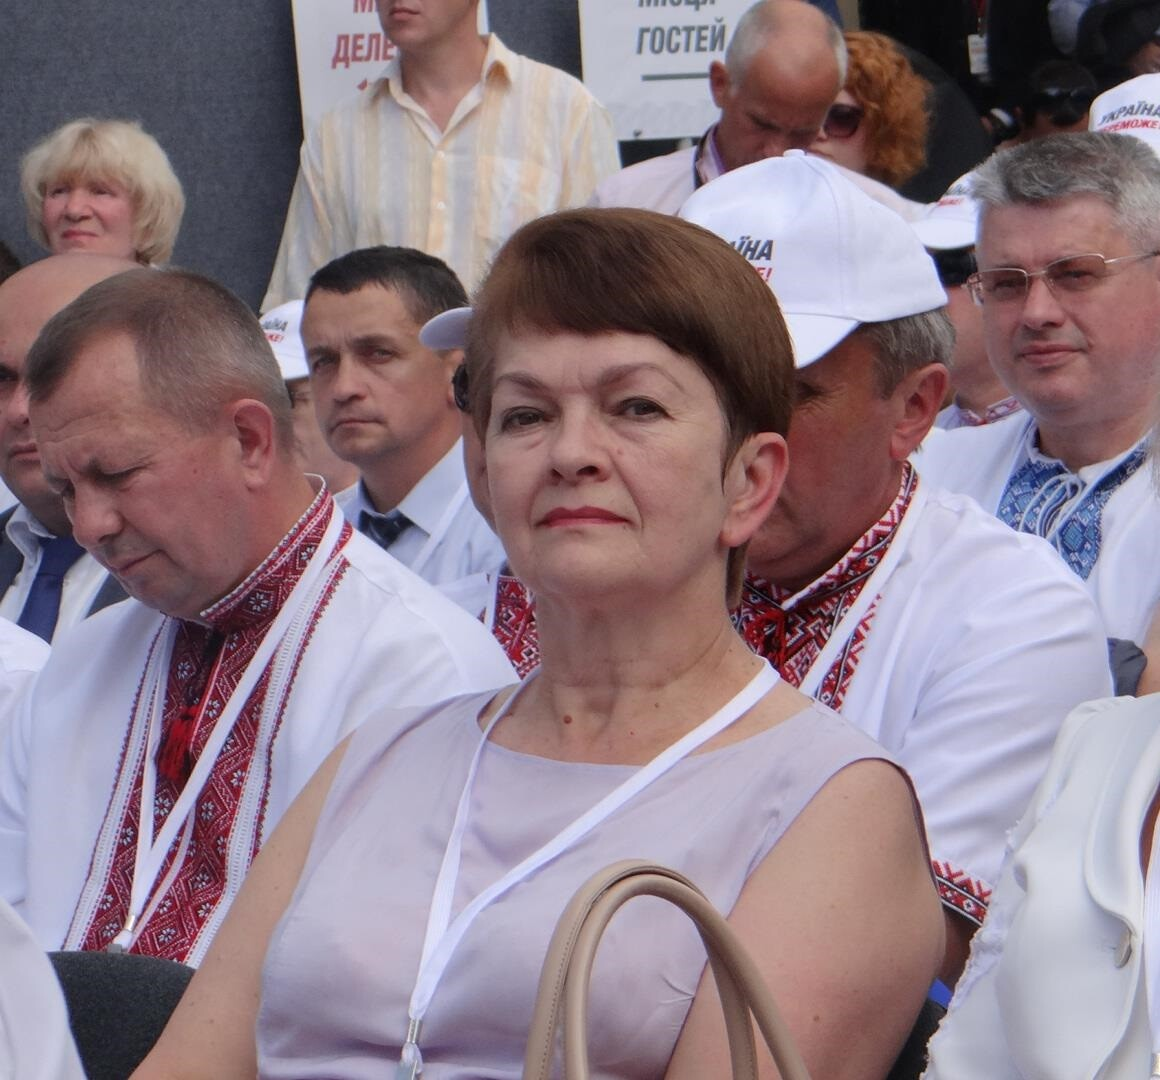 Місцеві вибори Вінниця 2020 року - список кандидатів в мери, що про них відомо | СЬОГОДНІ